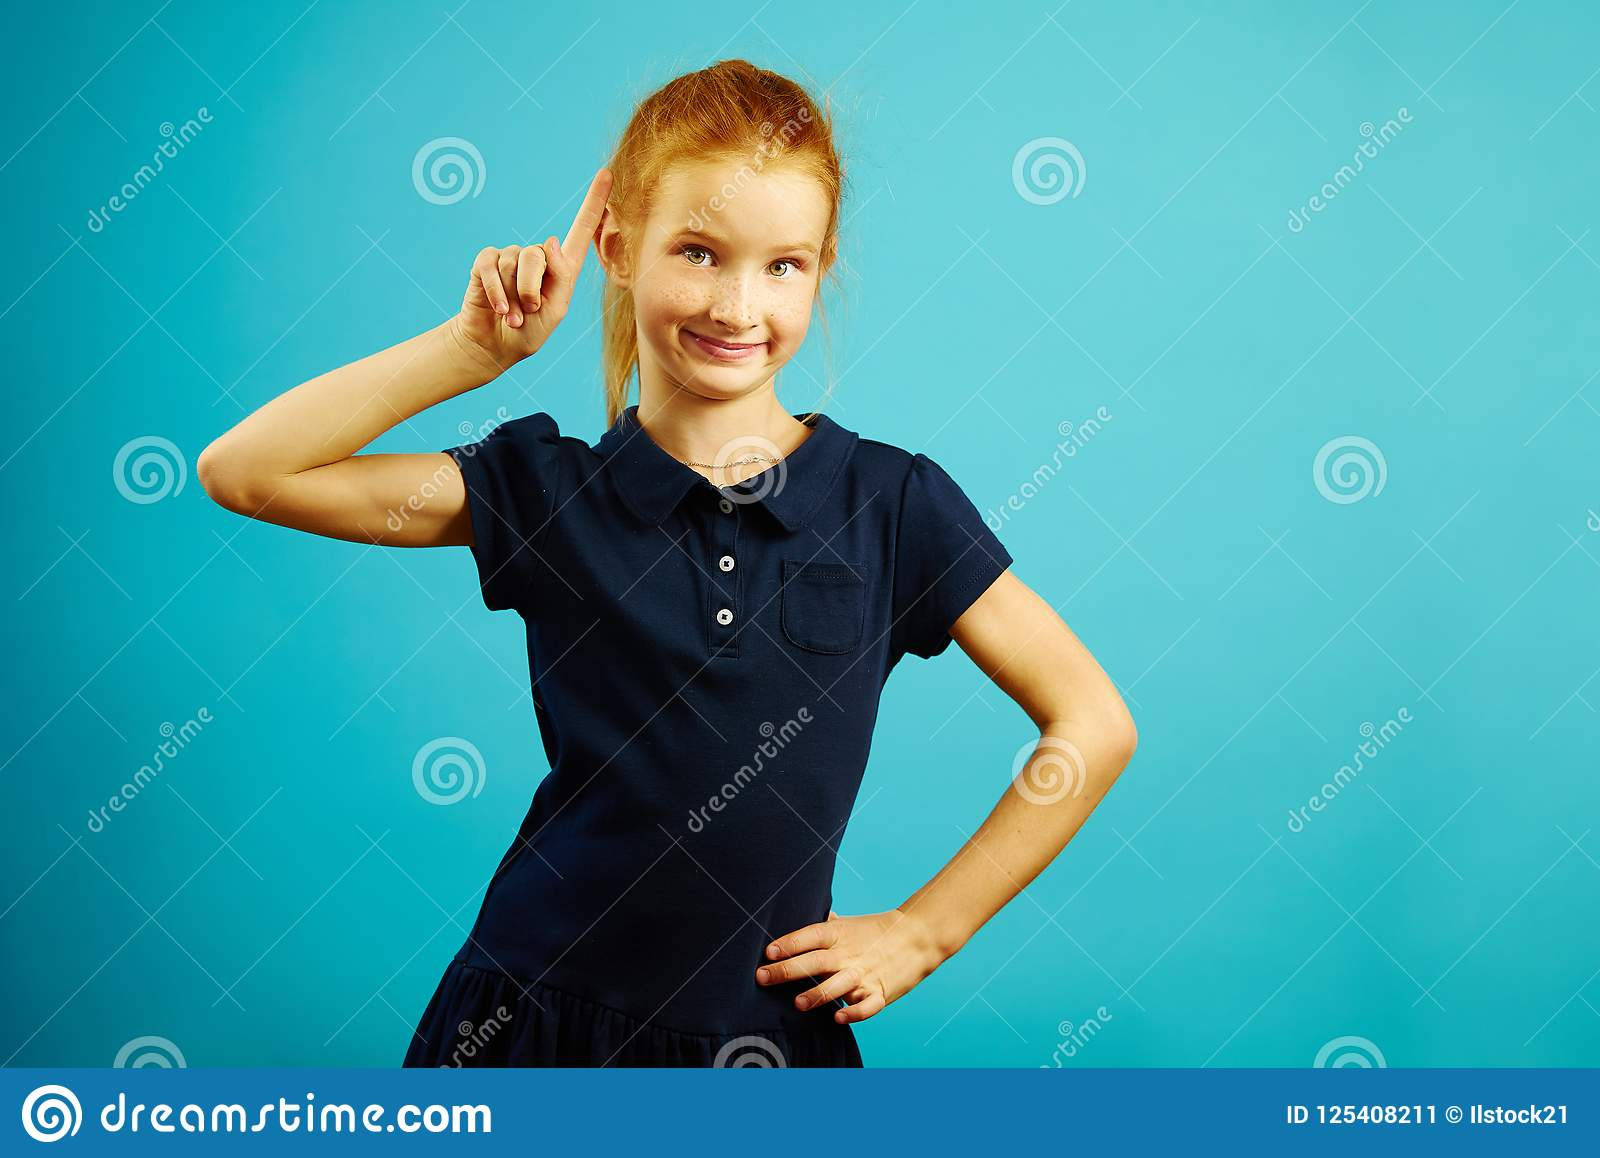 Το πορτρέτο του ευφυούς κοκκινομάλλους κοριτσιού με τον αυξημένο δείκτη προς τα πάνω, έχει ένα ευτυχές εκφραστικό πρόσωπο, εκφράζ